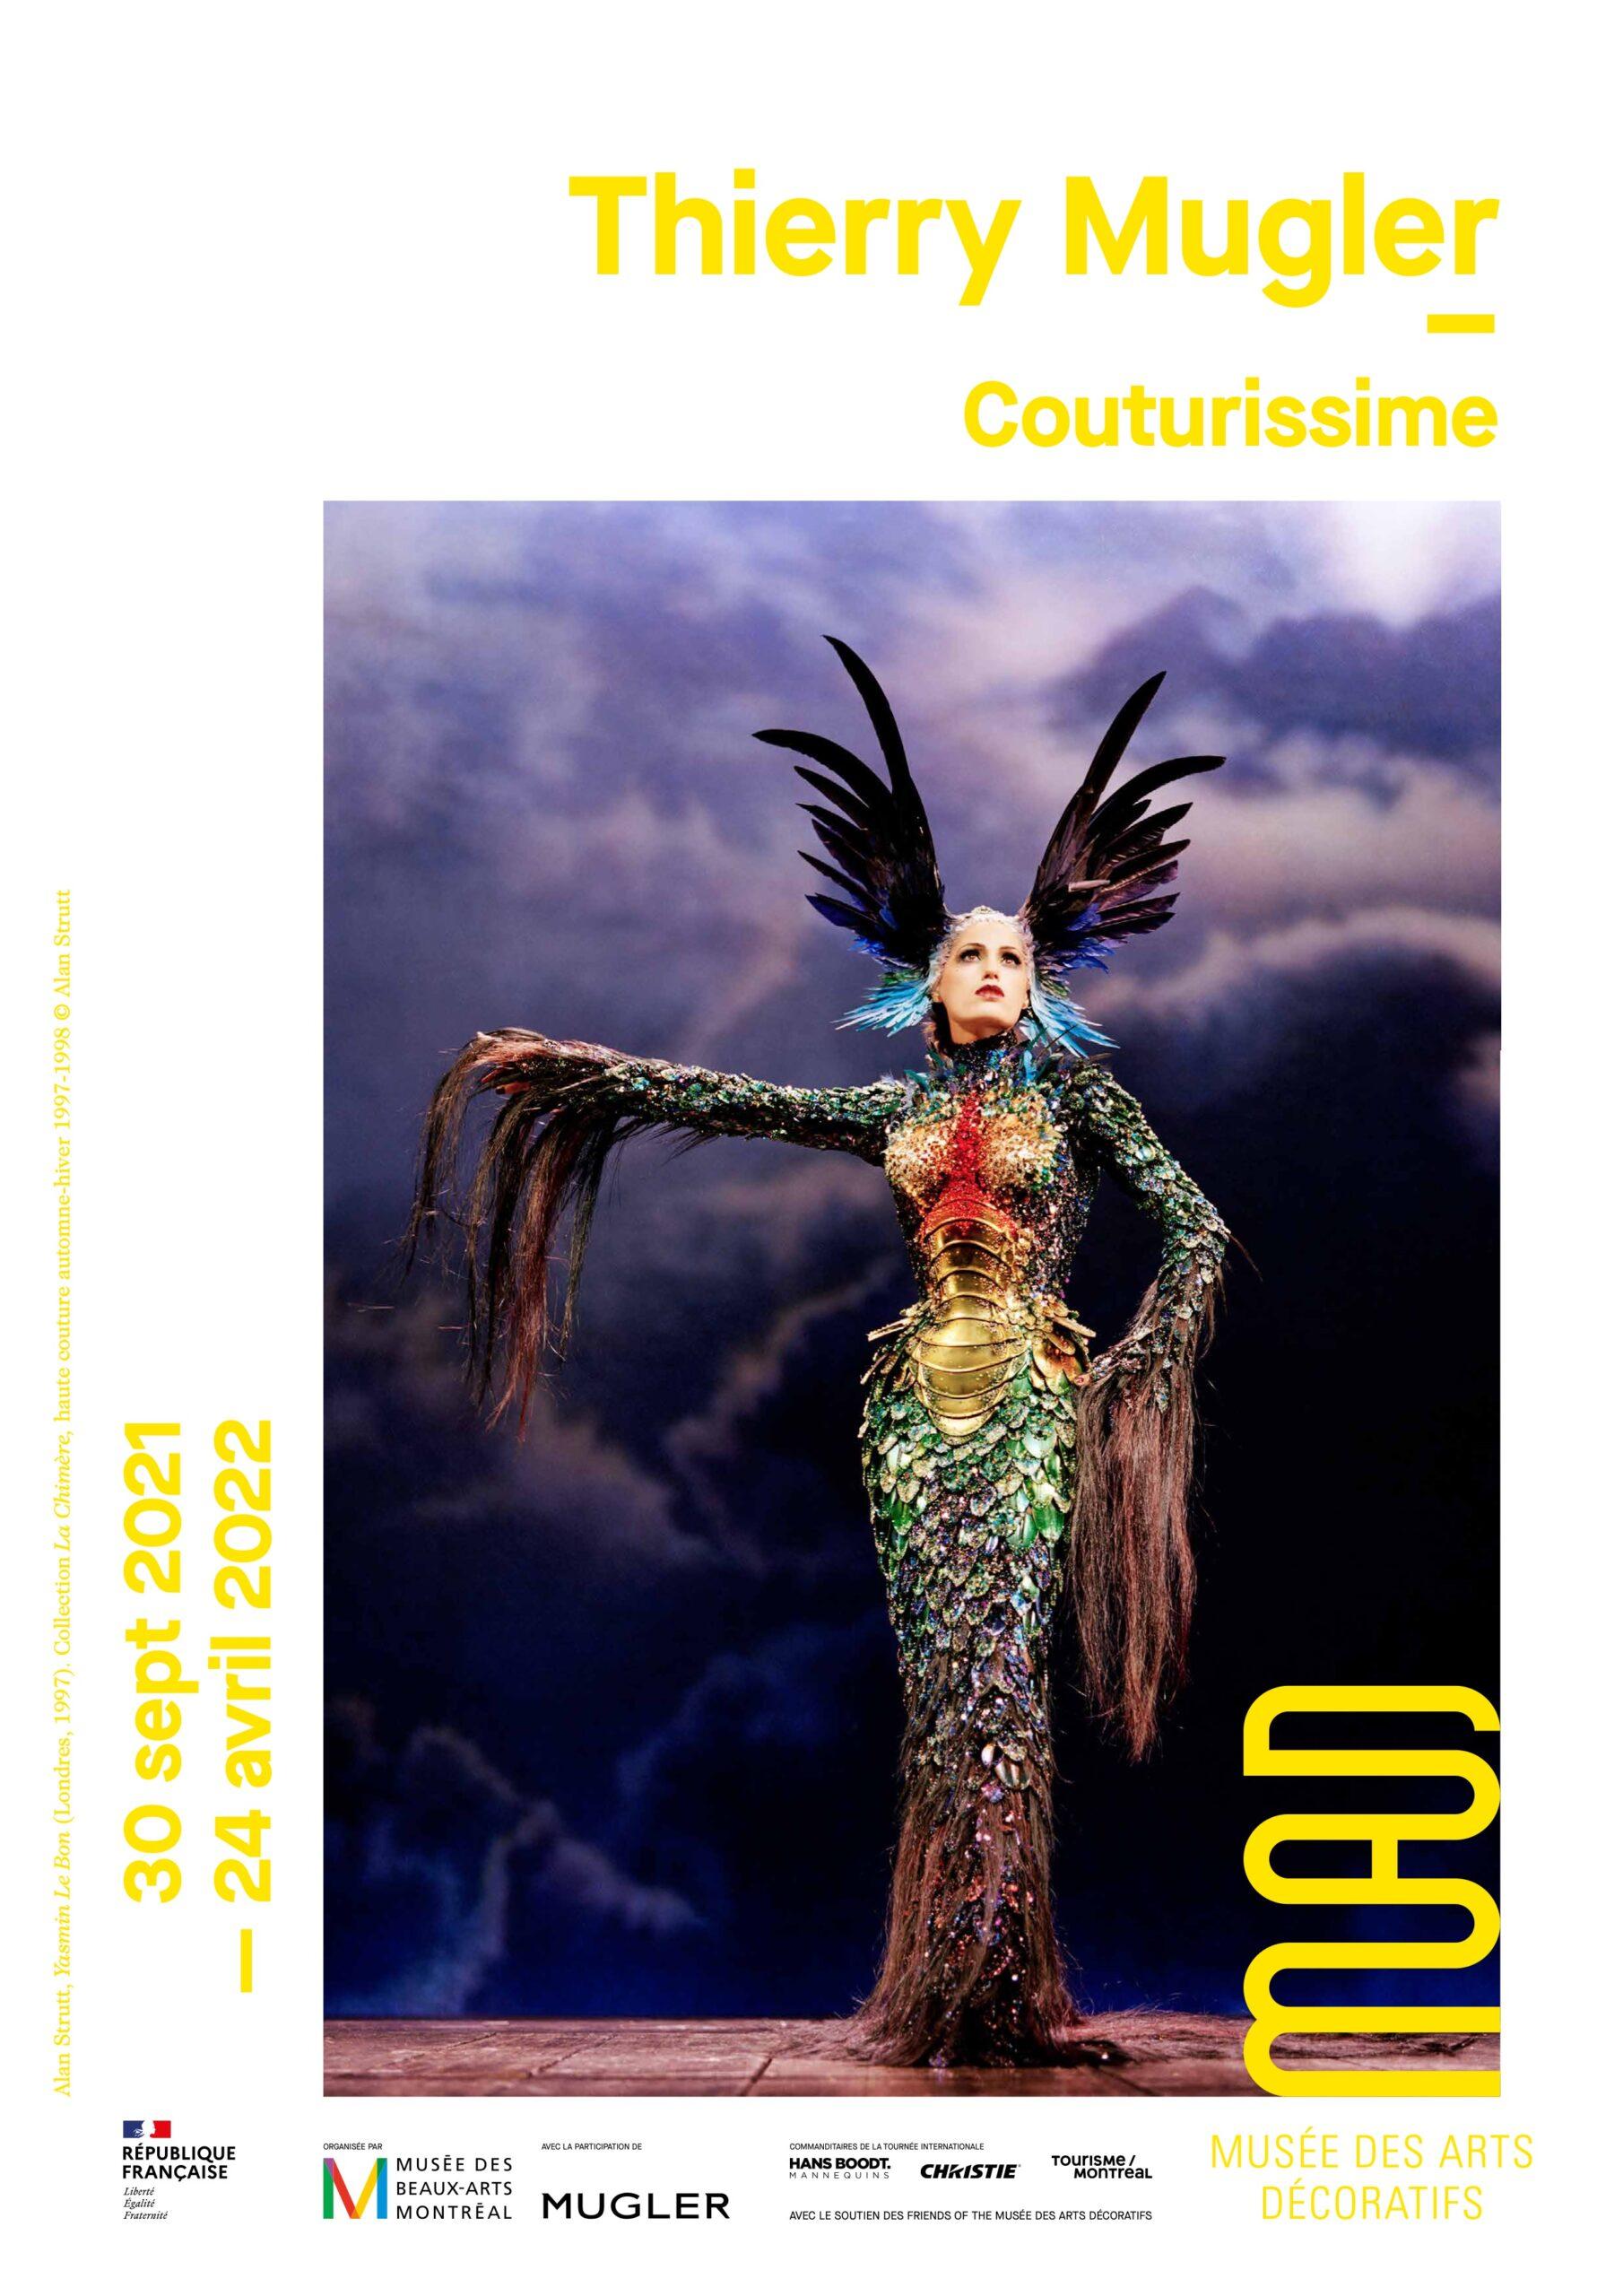 Exposition Thierry Mugler, Couturissime au MAD Paris du  30 septembre 2021 au 24 avril 2022